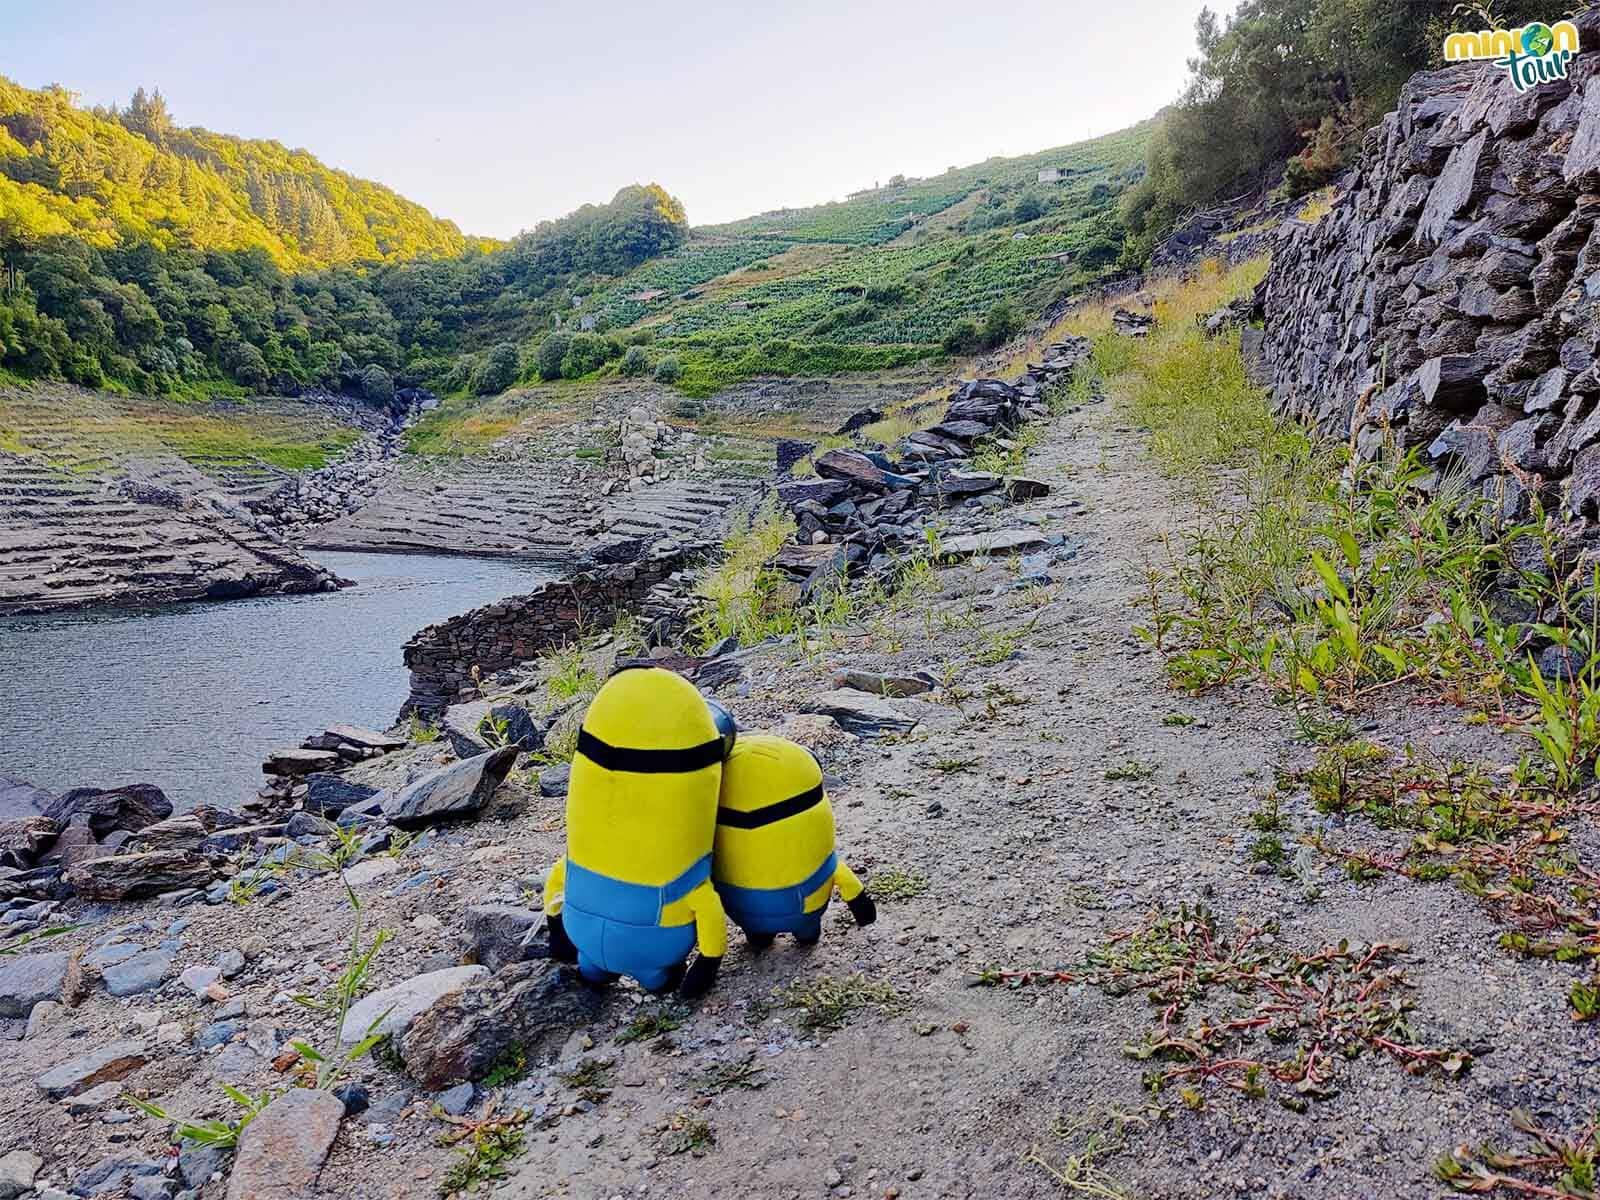 Paseando por los caminos de piedras que suele ocultar el embalse